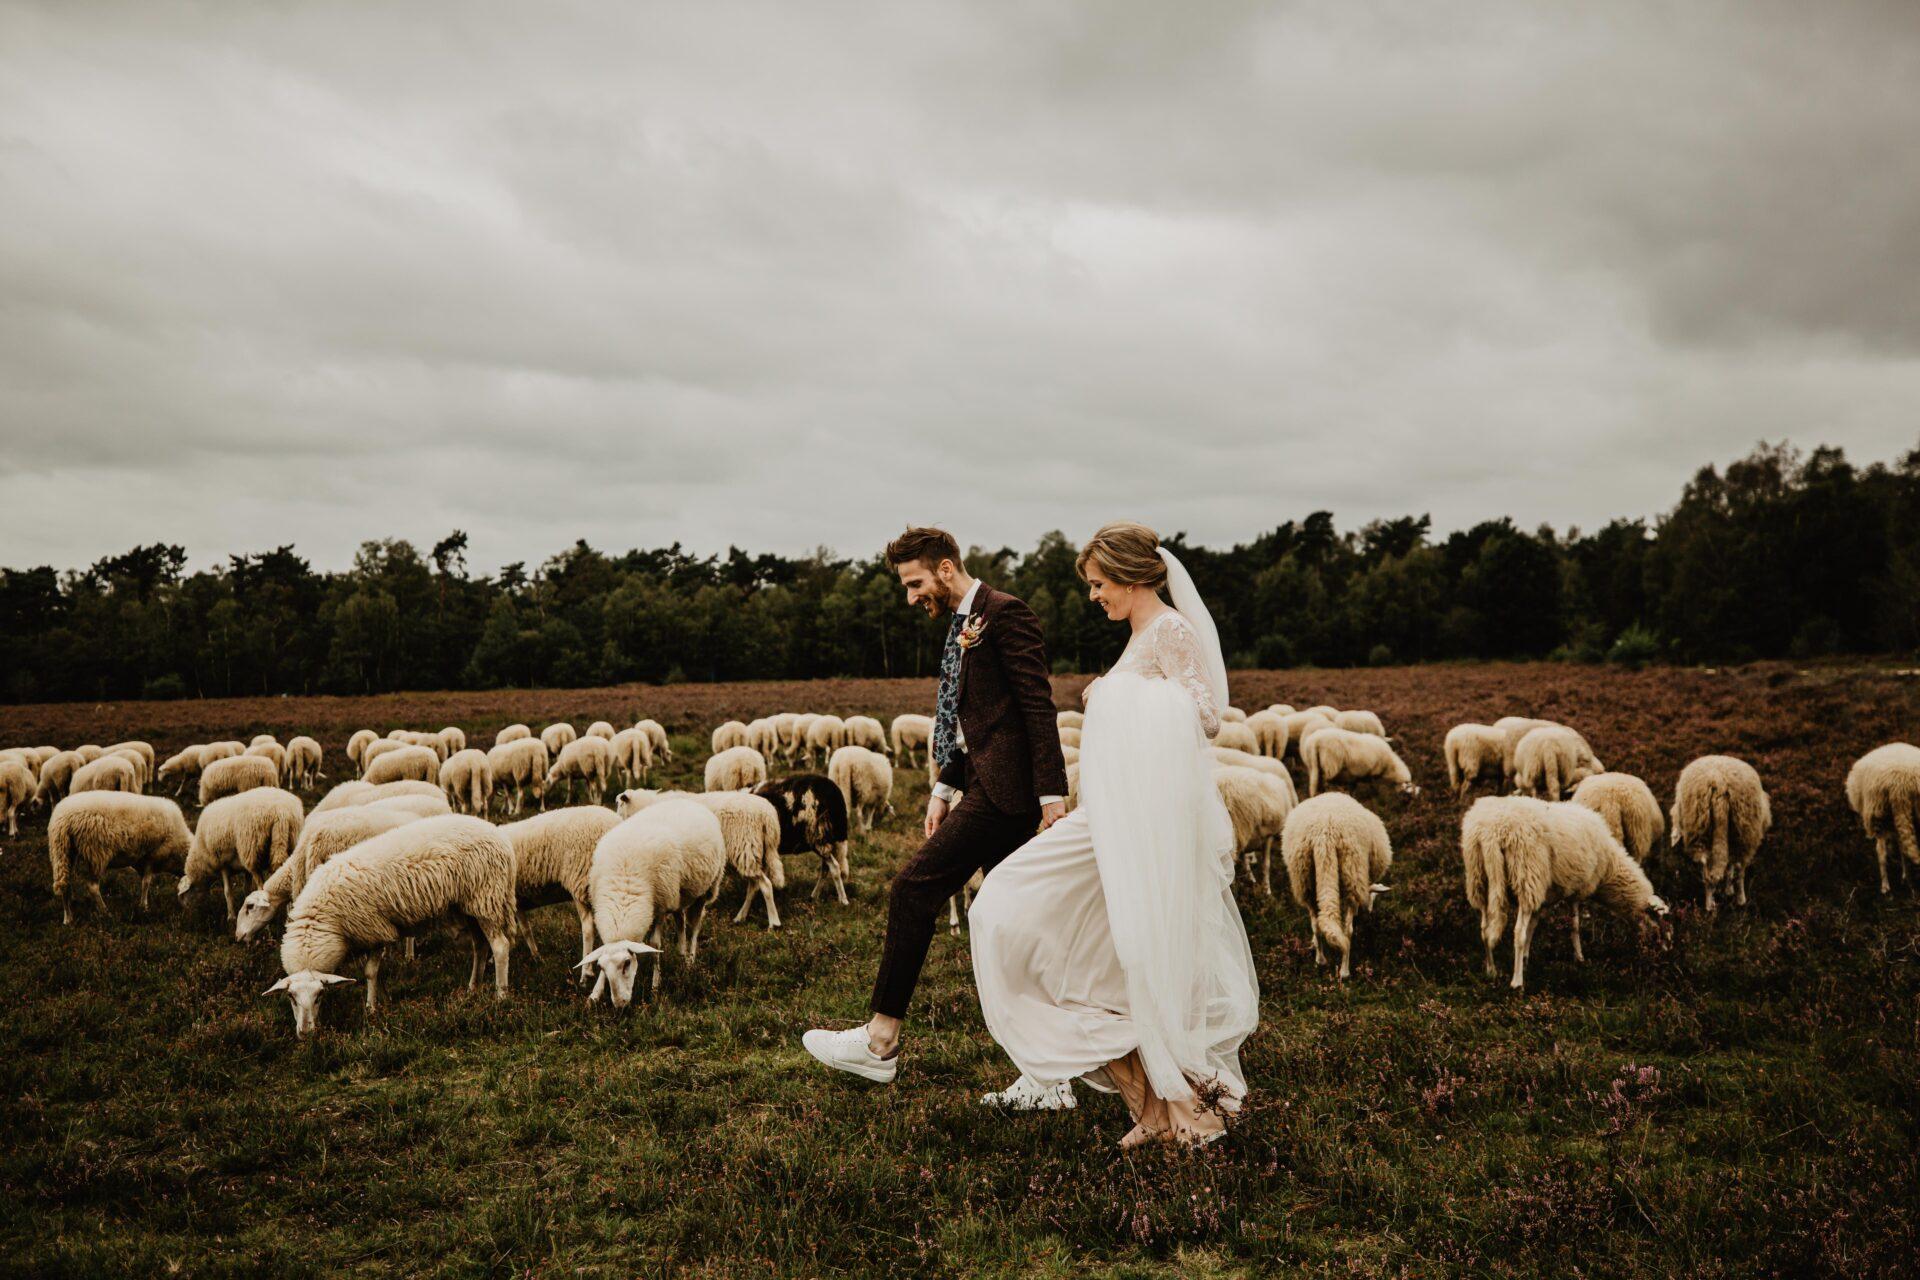 Bruidsreportage kudde schapen ermelo